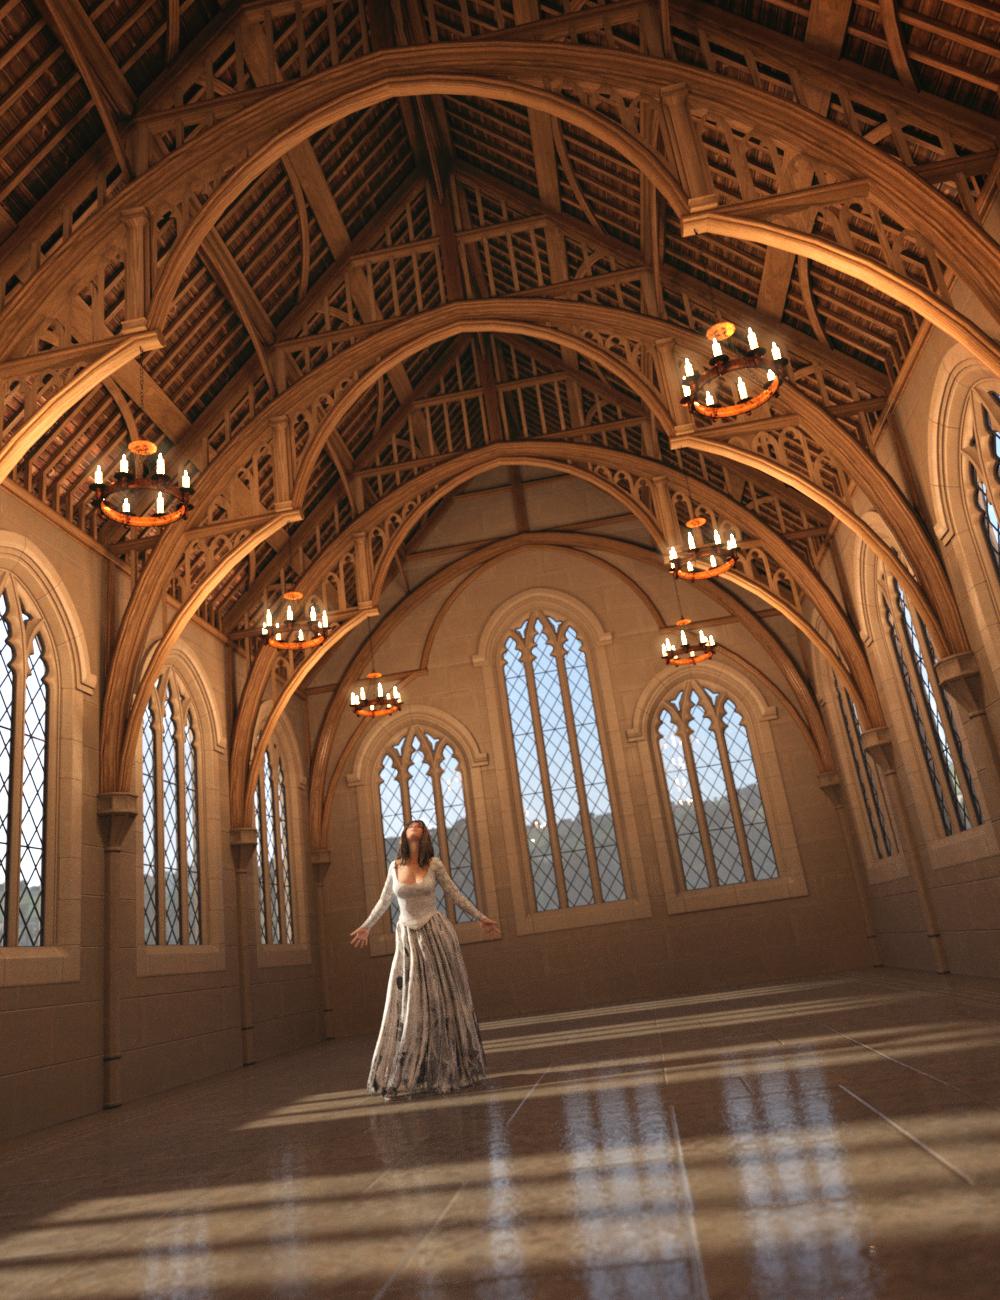 Ash Tree Hall by: Merlin Studios, 3D Models by Daz 3D